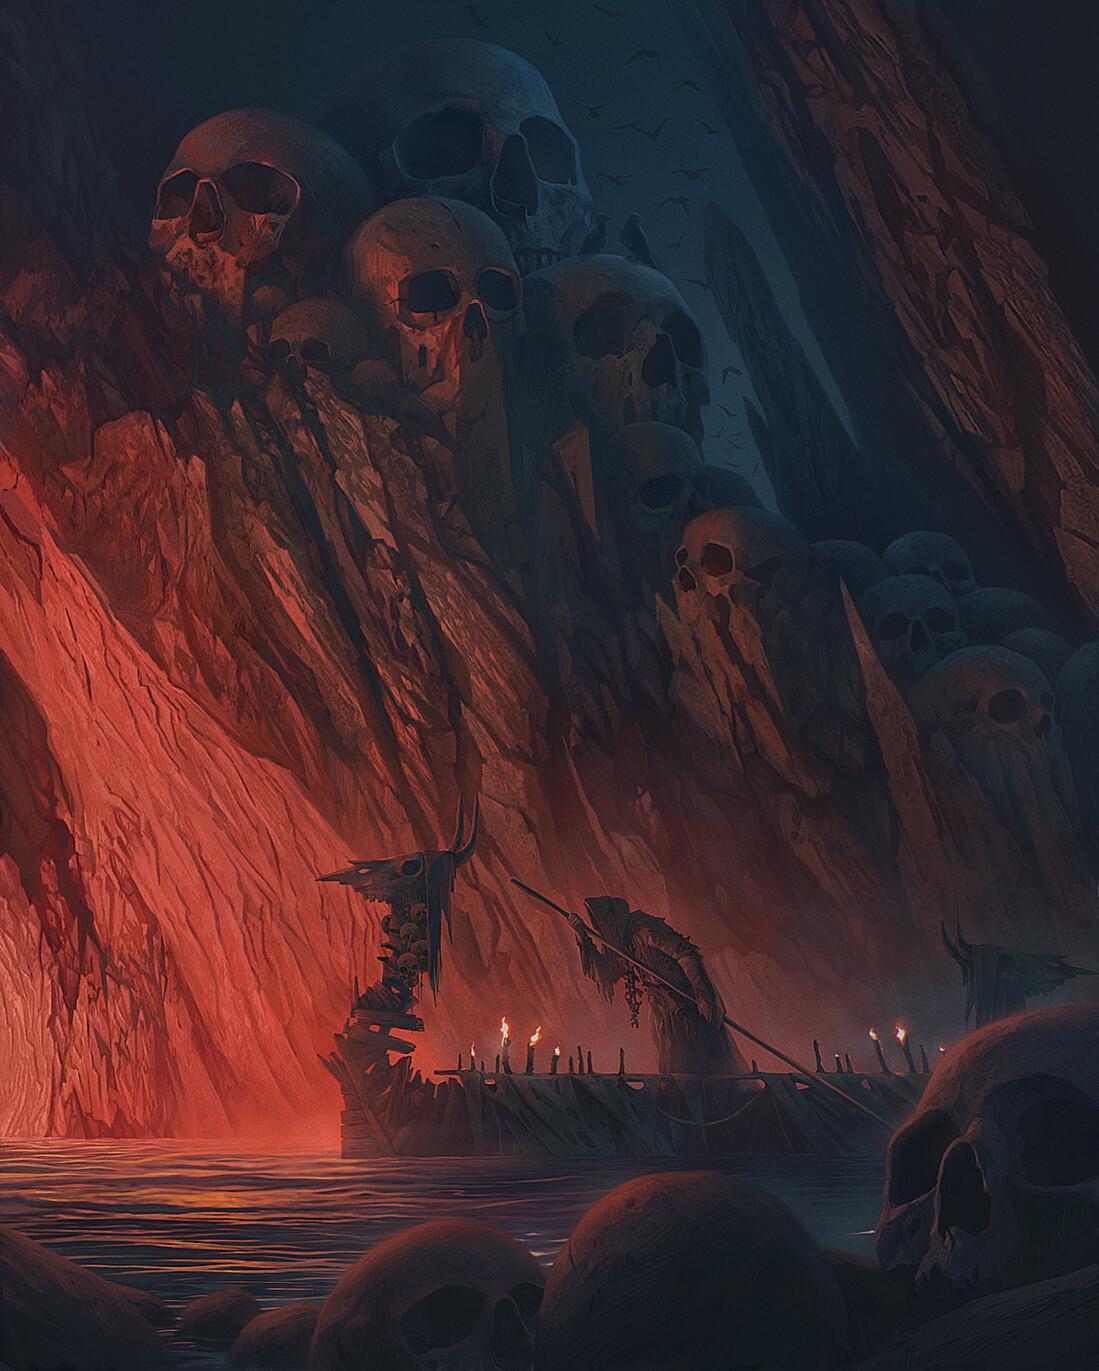 Alexey Egorov River Styx Artwork Fantasy Art Skull ArtStation 1099x1371